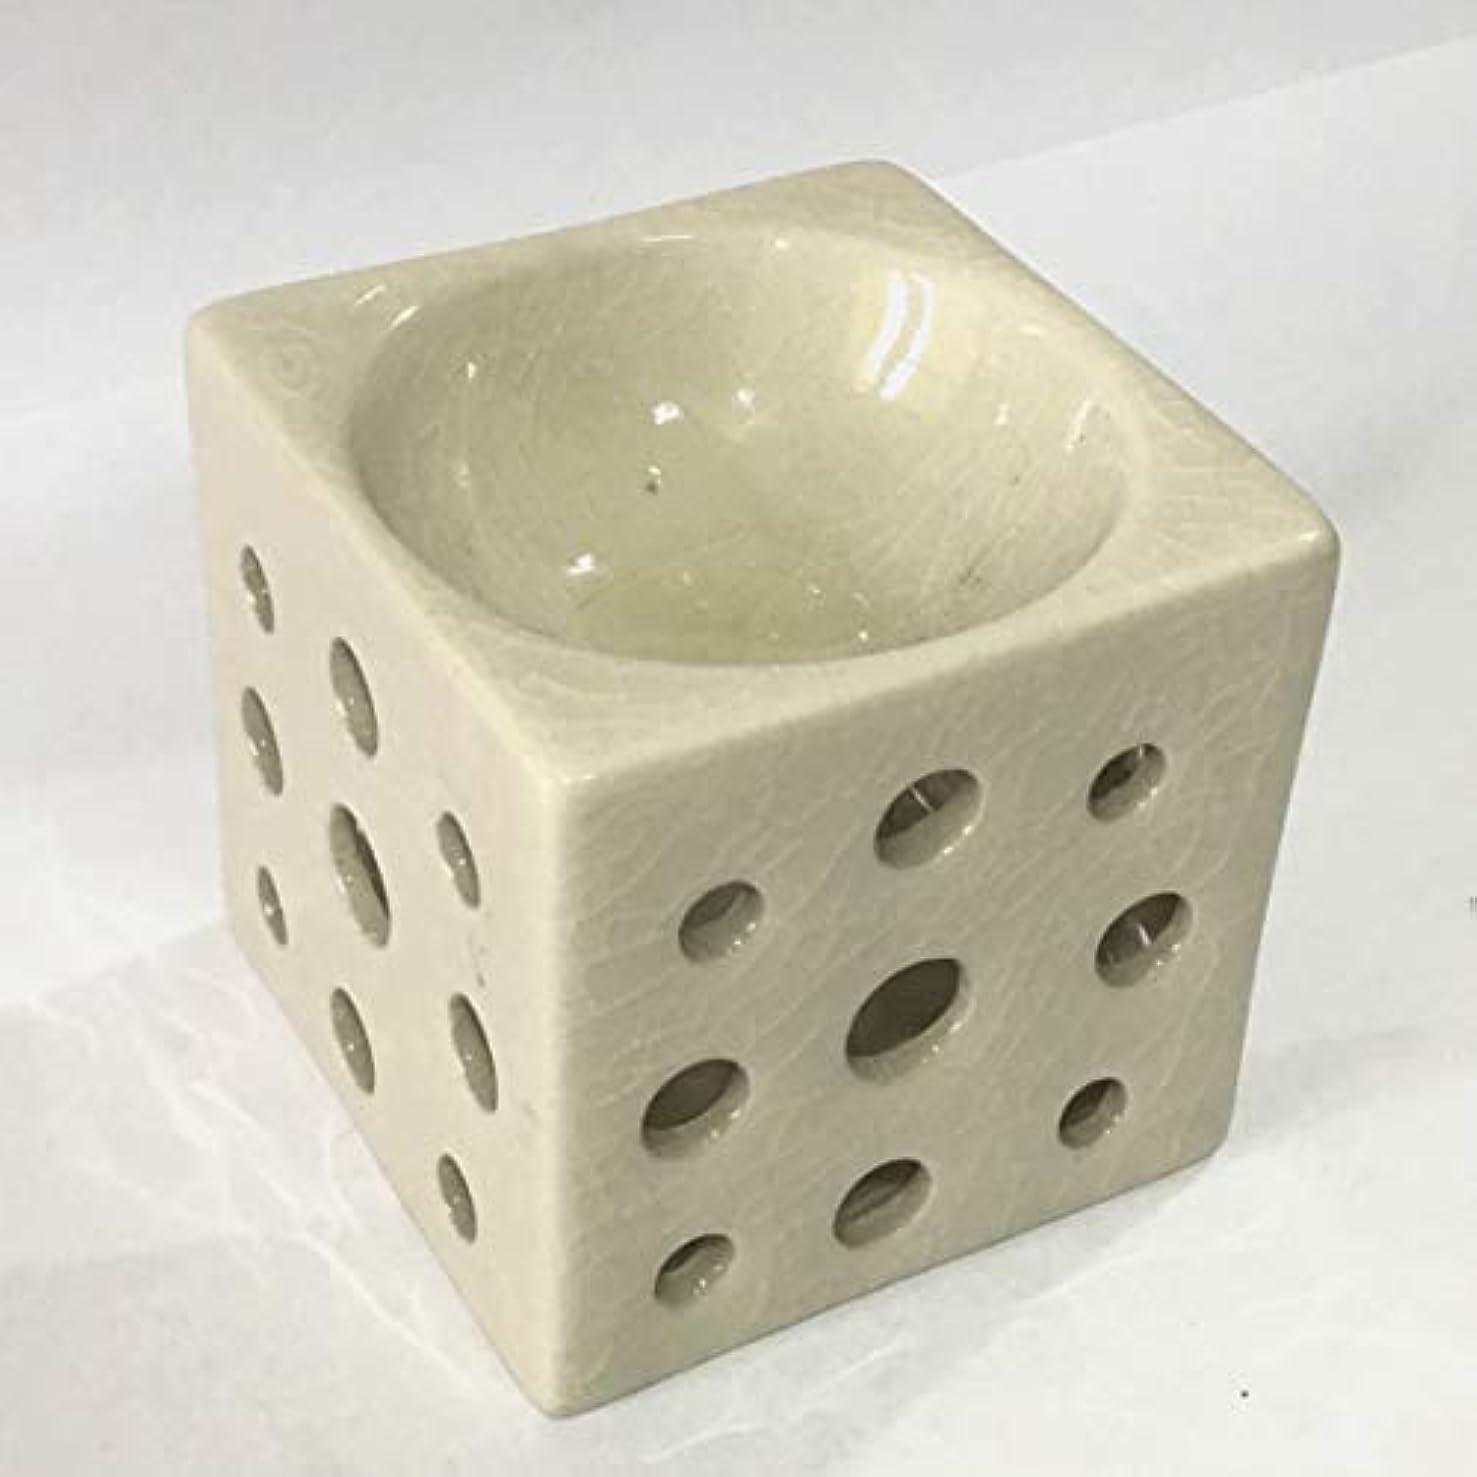 ソーダ水物思いにふける構造的アロマポット 角型(白) 香炉 陶器 アロマ炉 キャンドル式 オイルバーナー